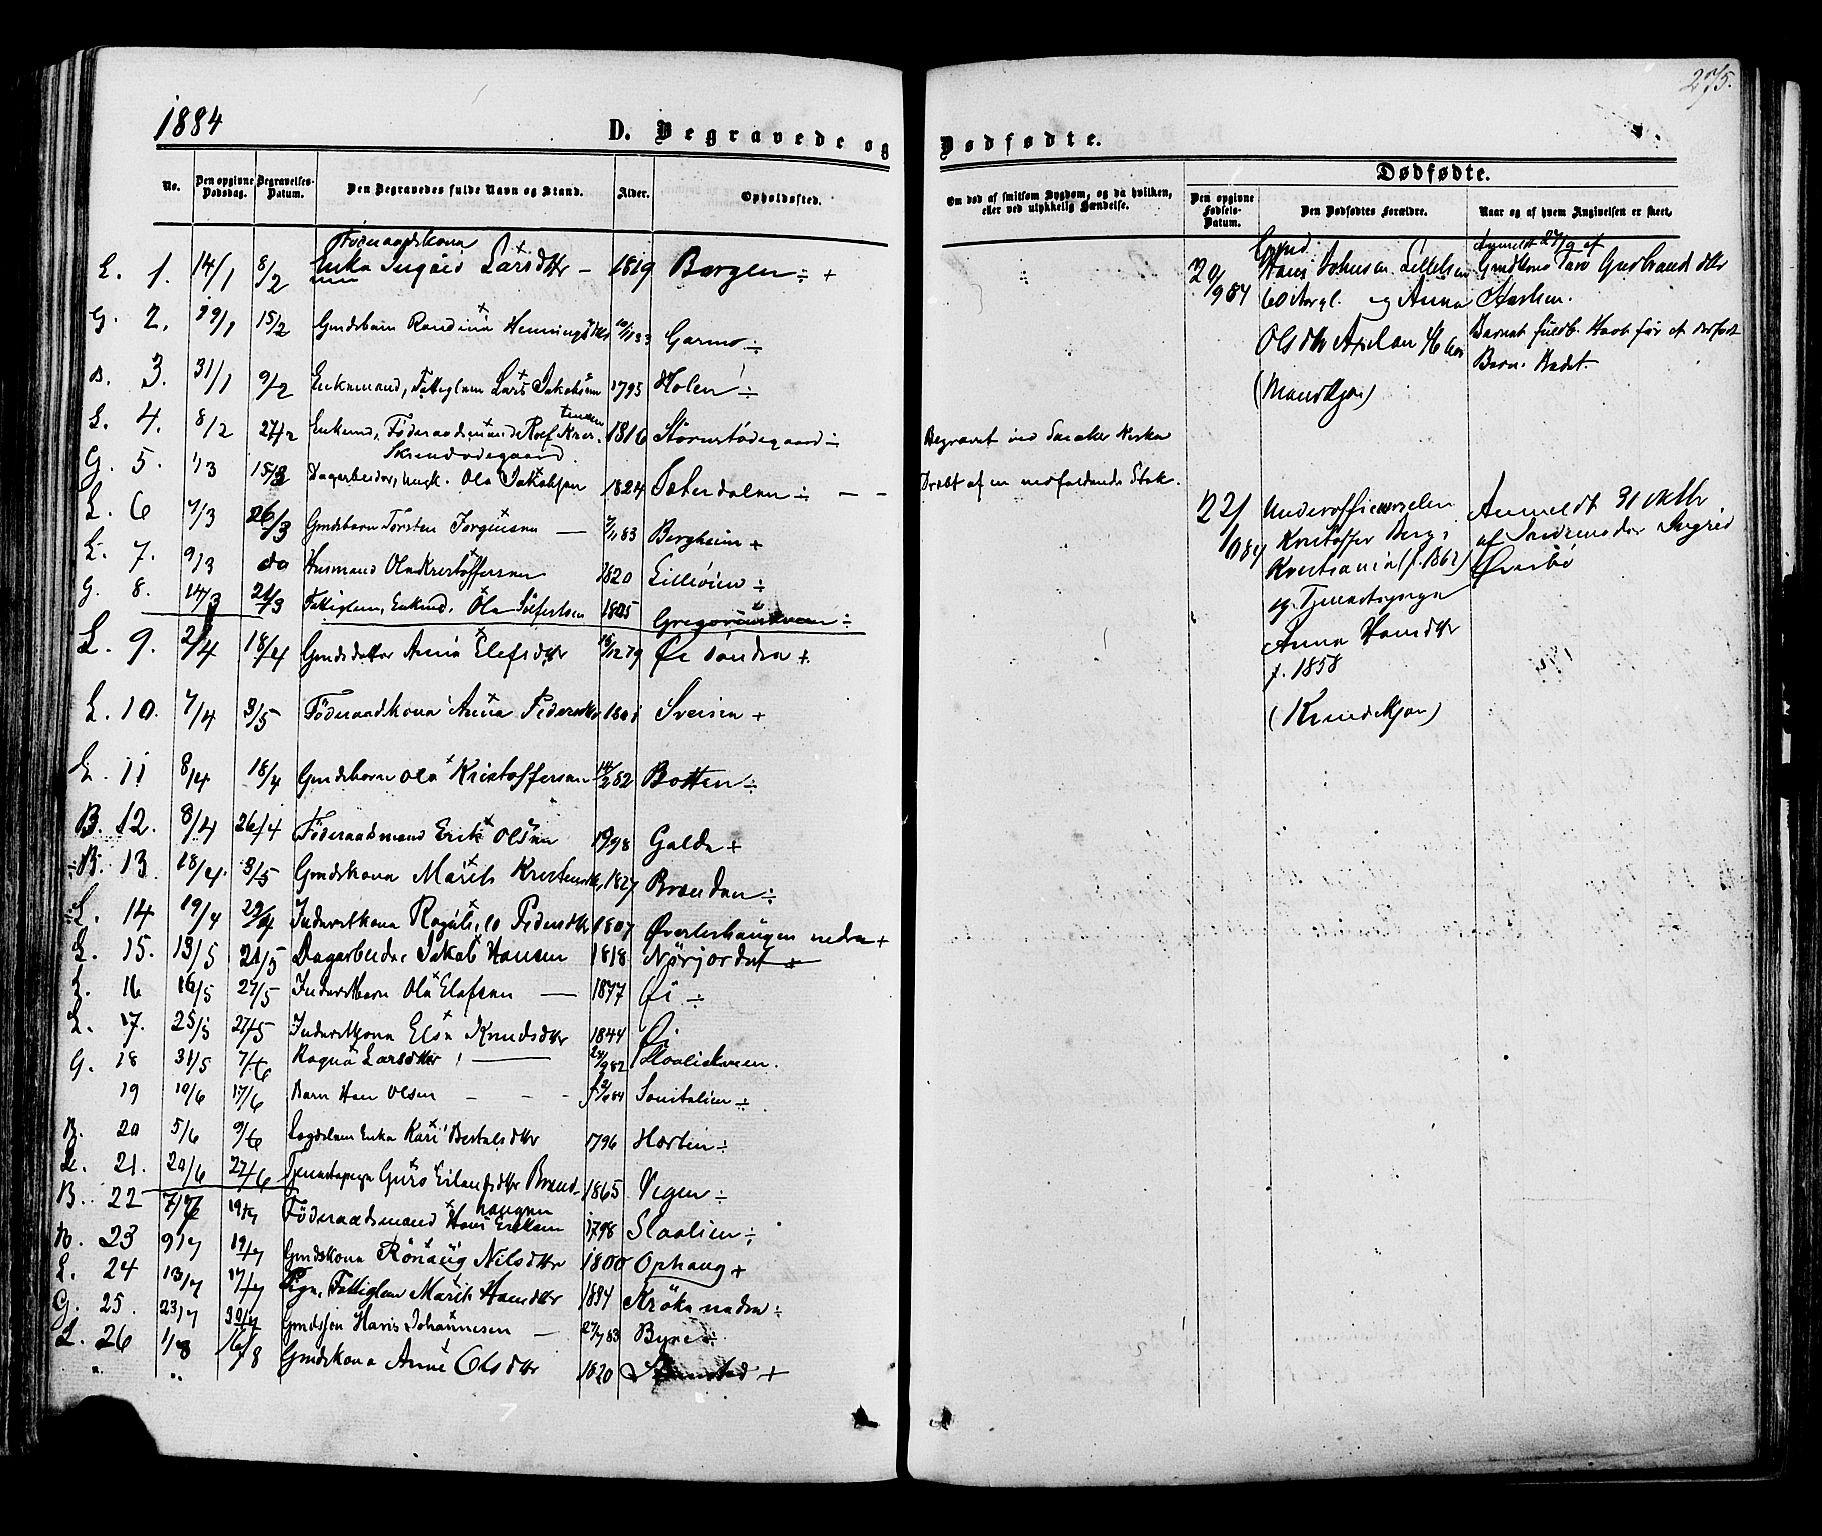 SAH, Lom prestekontor, K/L0007: Ministerialbok nr. 7, 1863-1884, s. 275